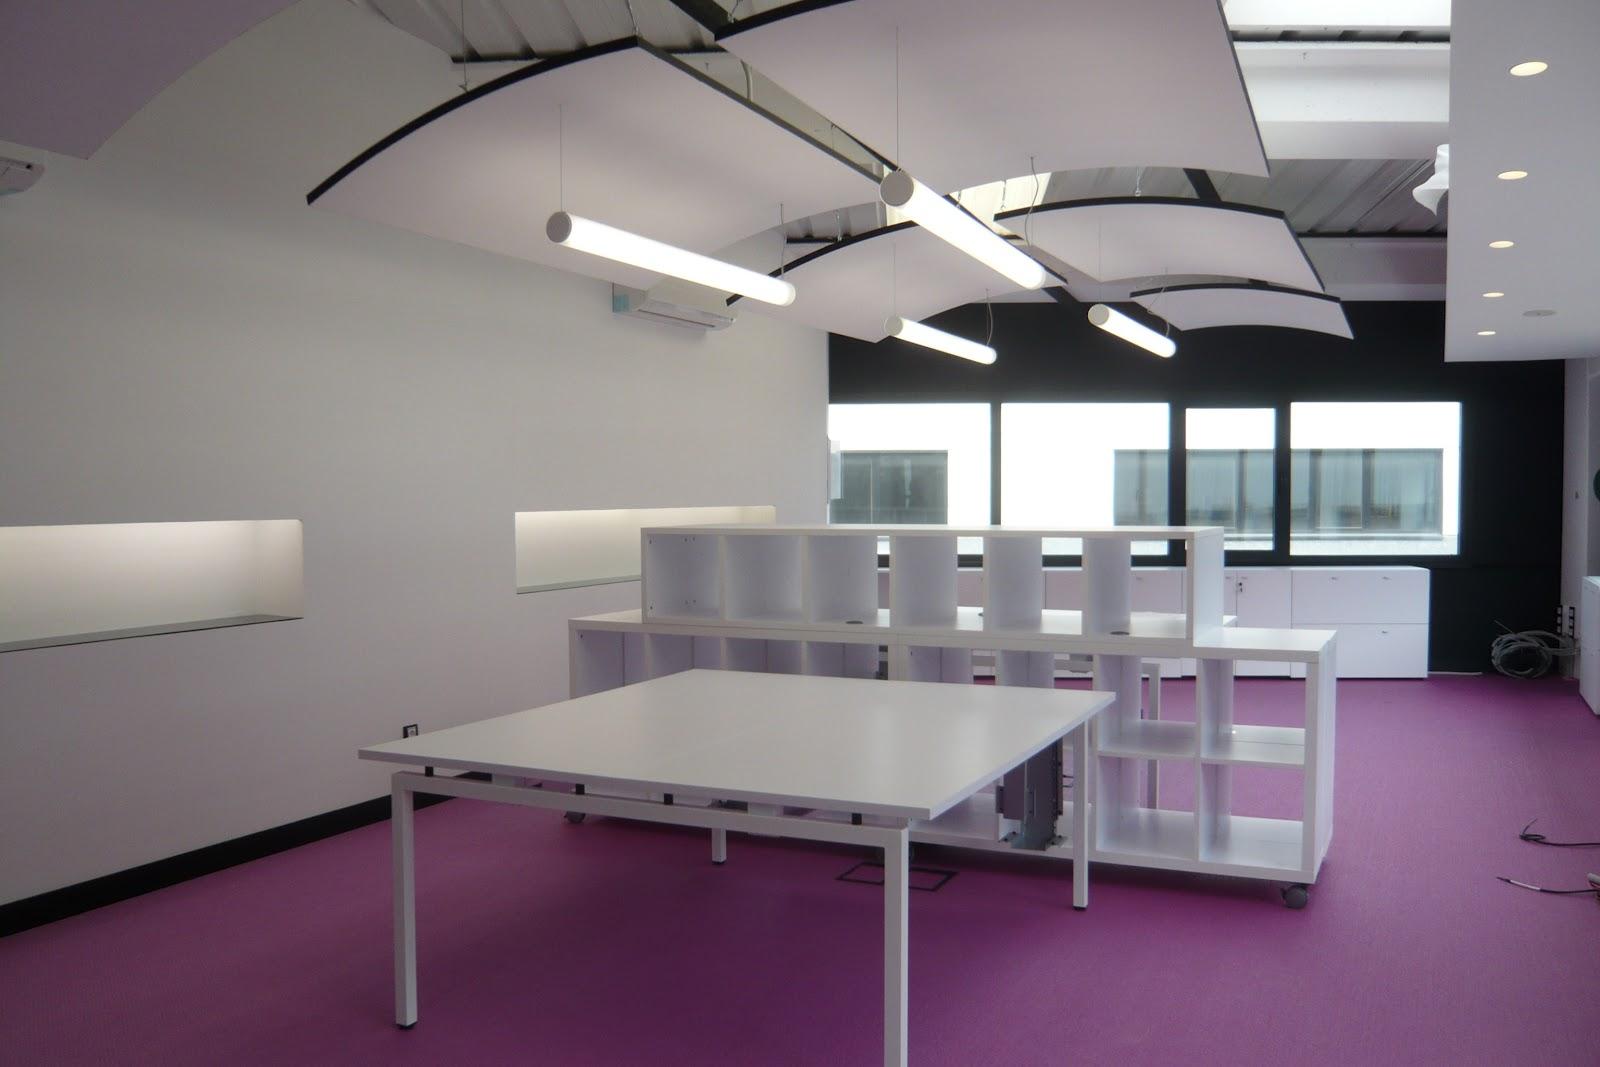 Nat dise o de espacios reforma de oficinas en nave - Diseno nave industrial ...